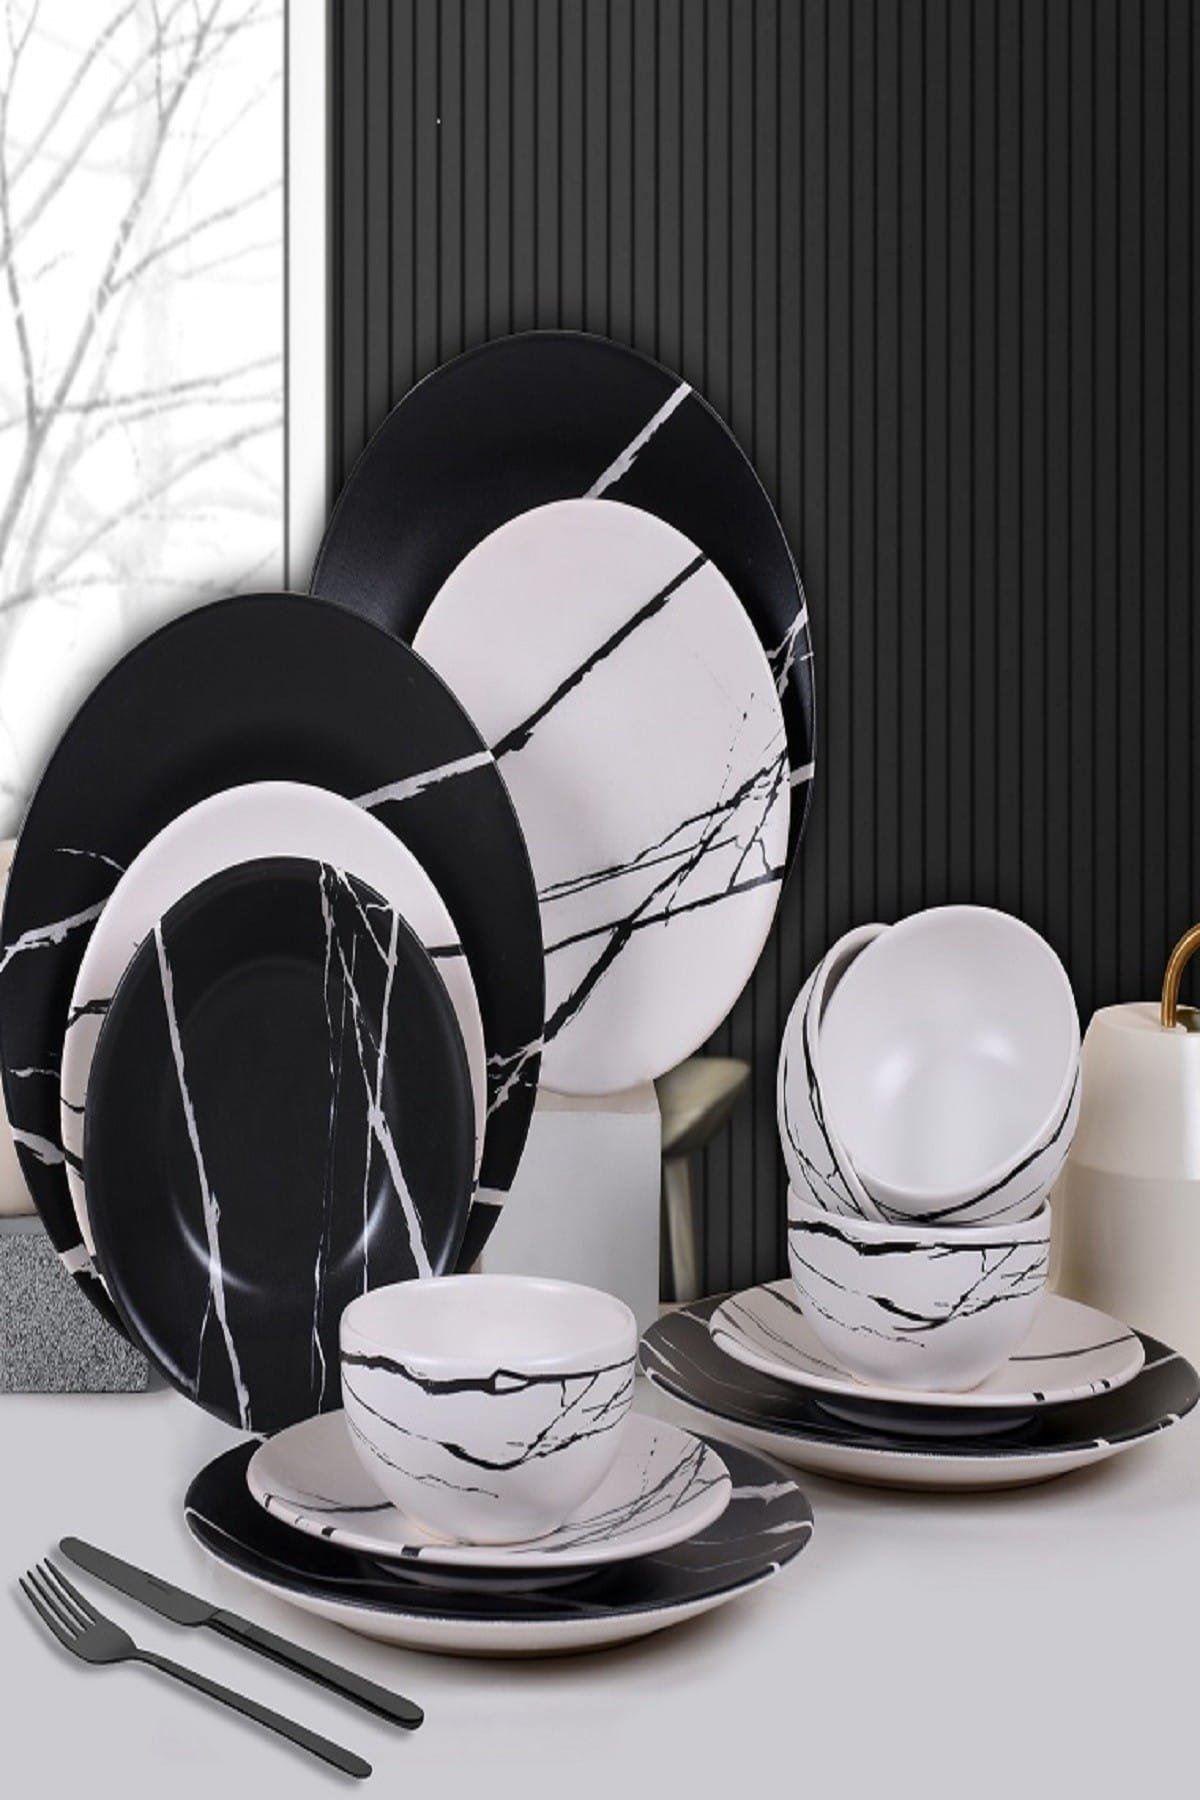 6 Kişilik 24 Parça Siyah Beyaz Mermer Yemek Takımı